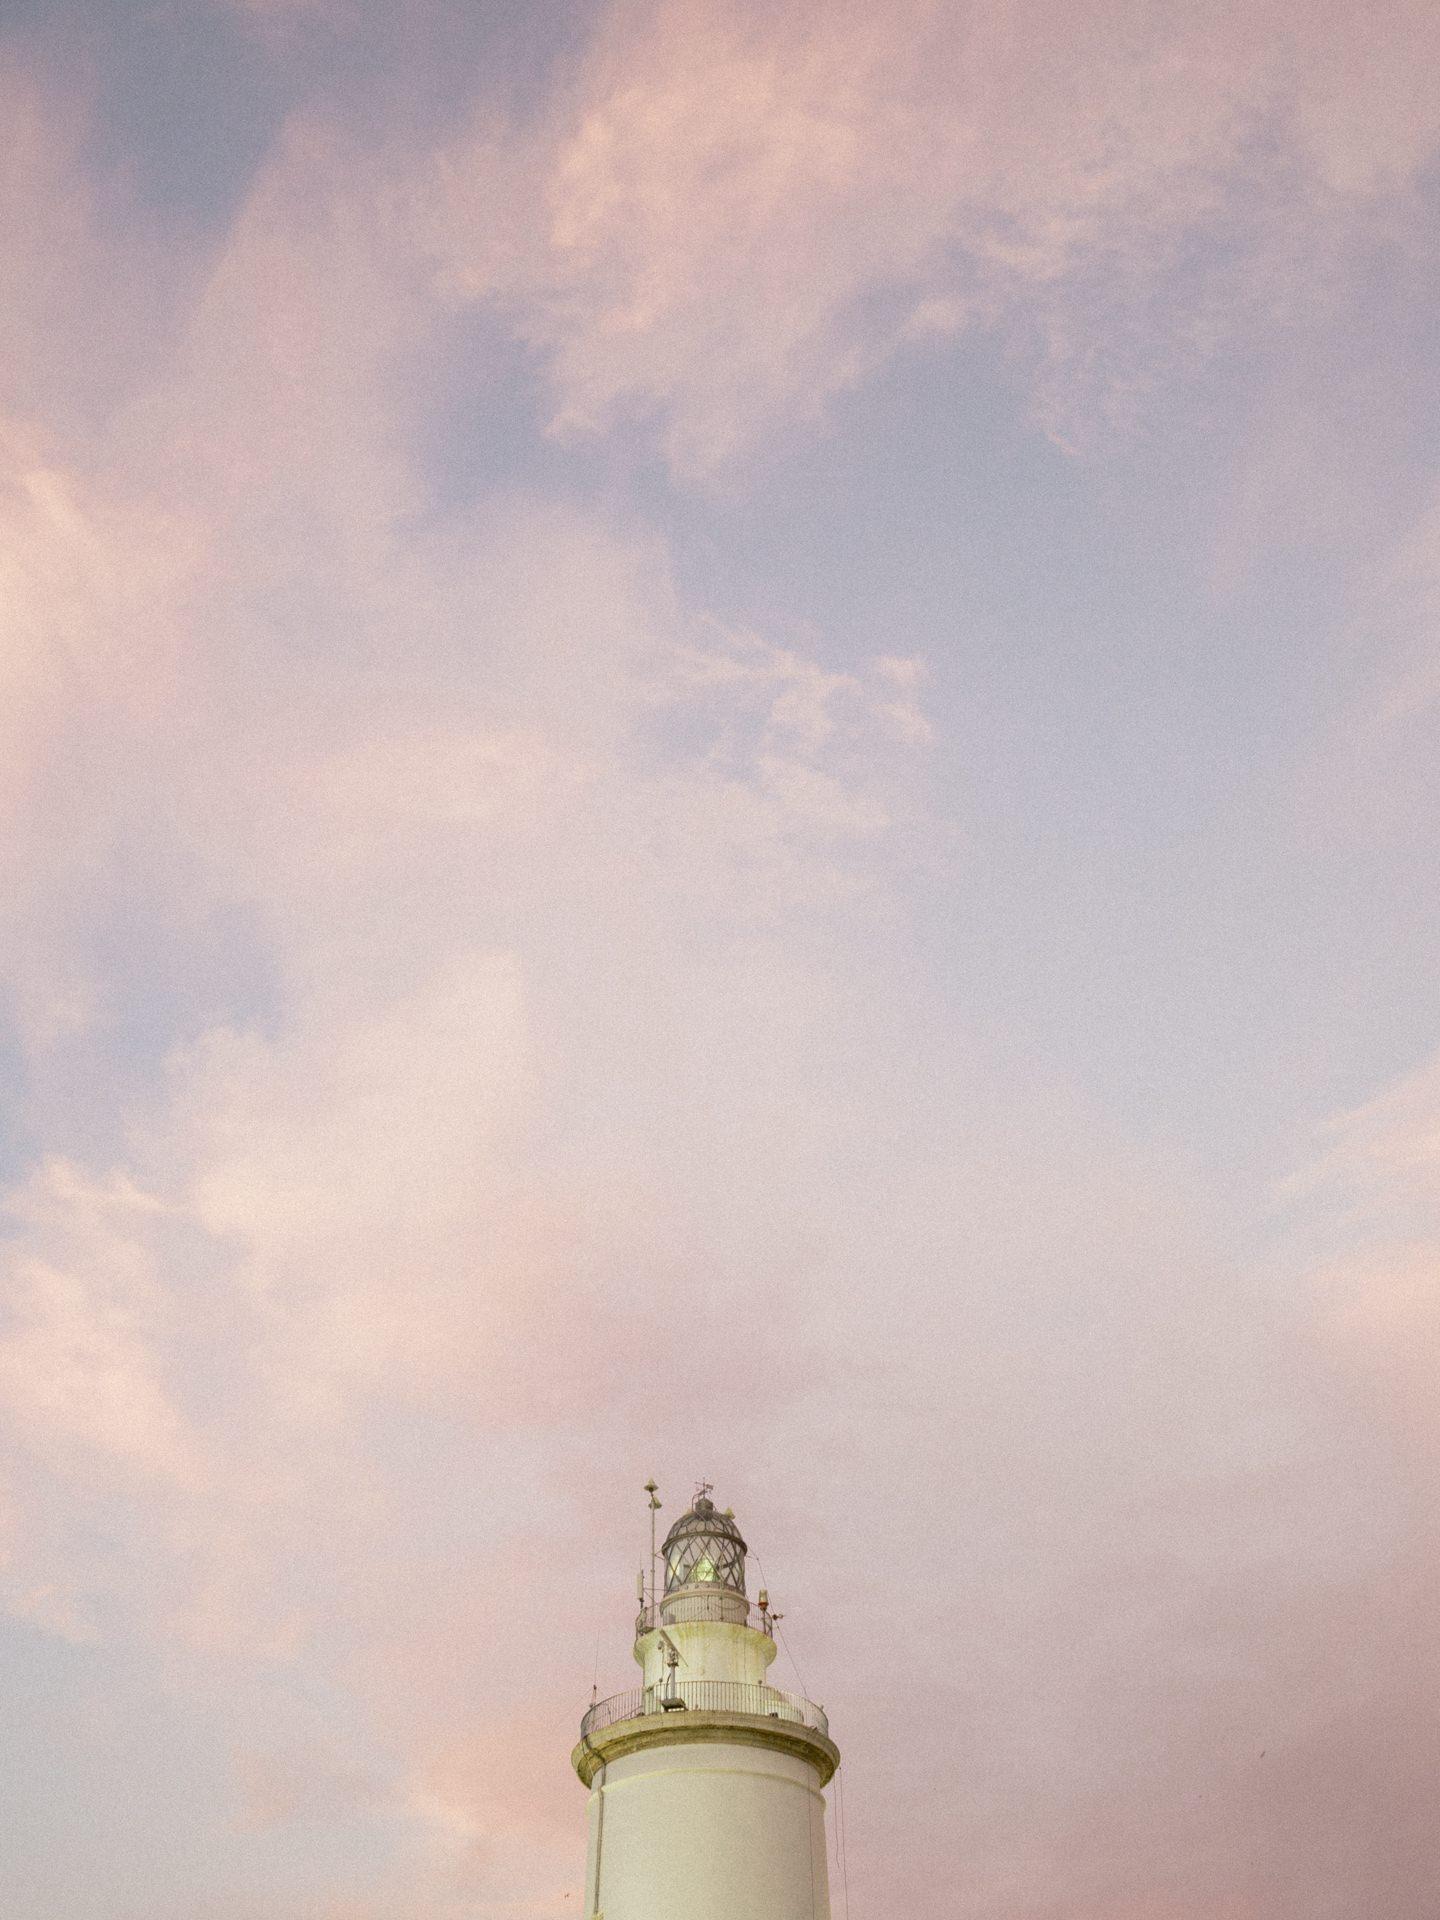 Ein Leuchtturm vor einem bewölkten Himmel bei Sonnenuntergang